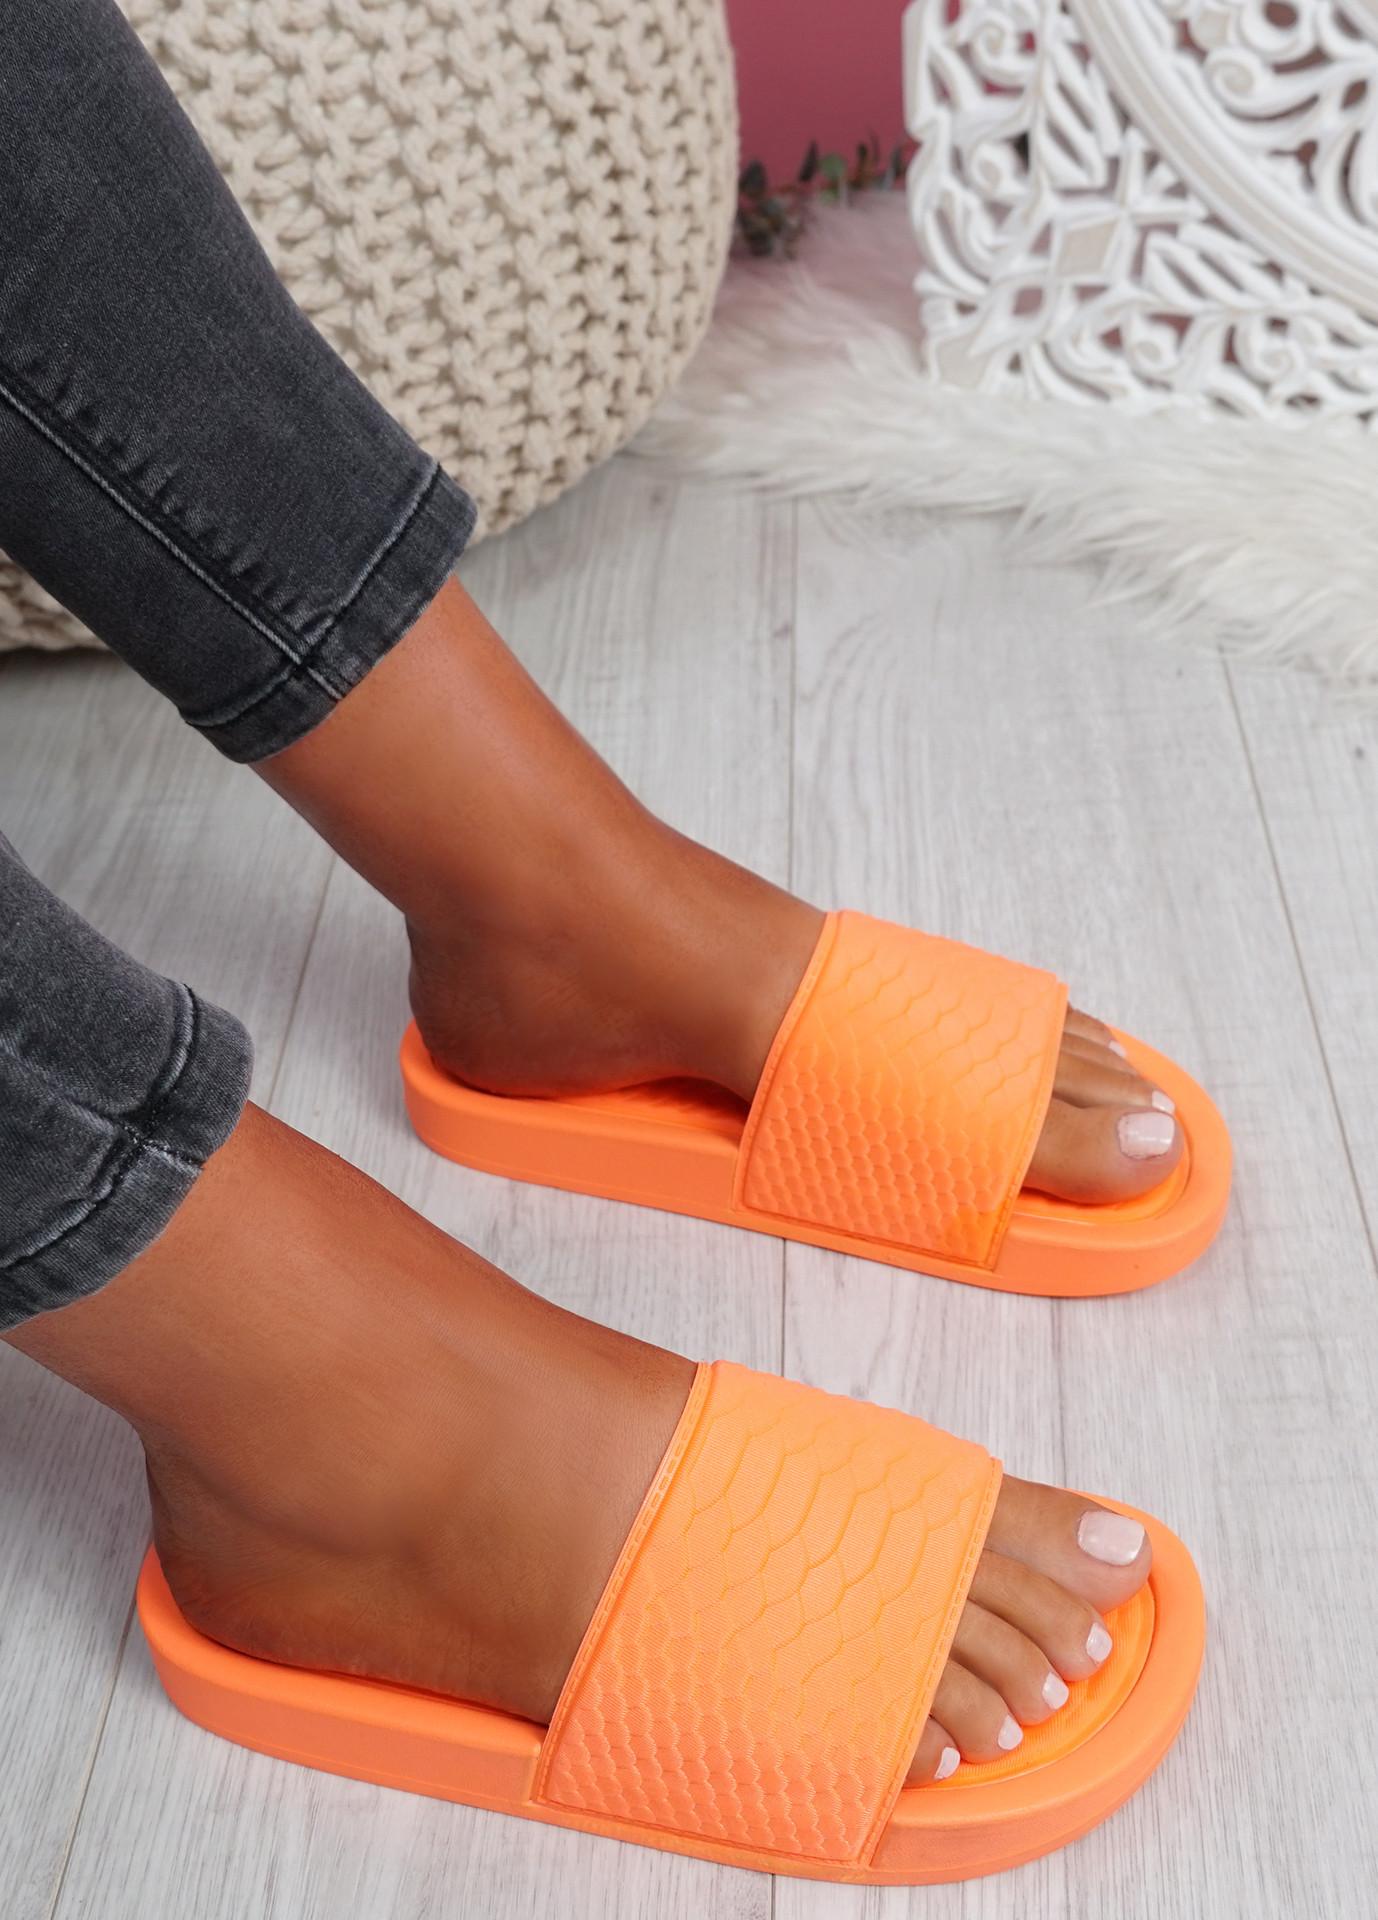 Soha Orange Flat Sandals Sliders